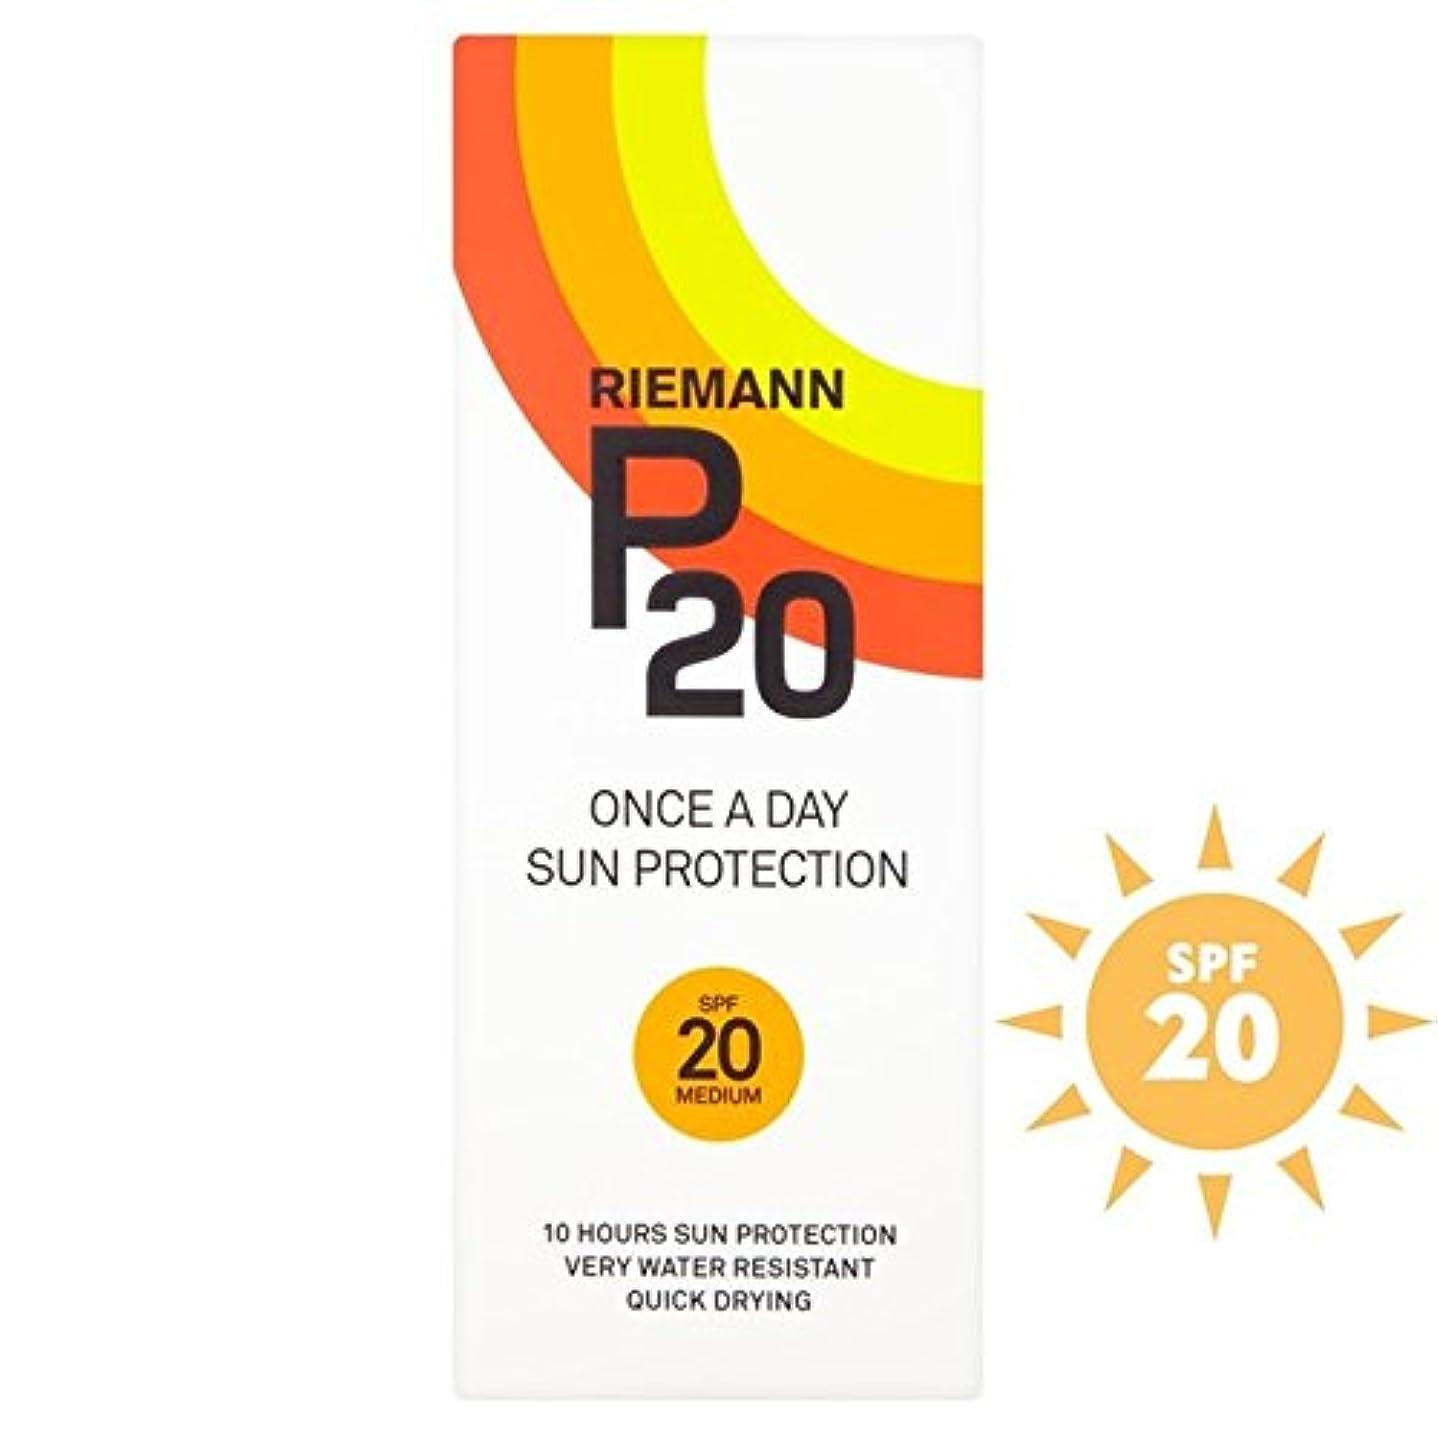 宿泊施設薬理学依存Riemann P20 SPF20 1 Day/10 Hour Protection 200ml - リーマン20 20 1日/ 10時間の保護200ミリリットル [並行輸入品]